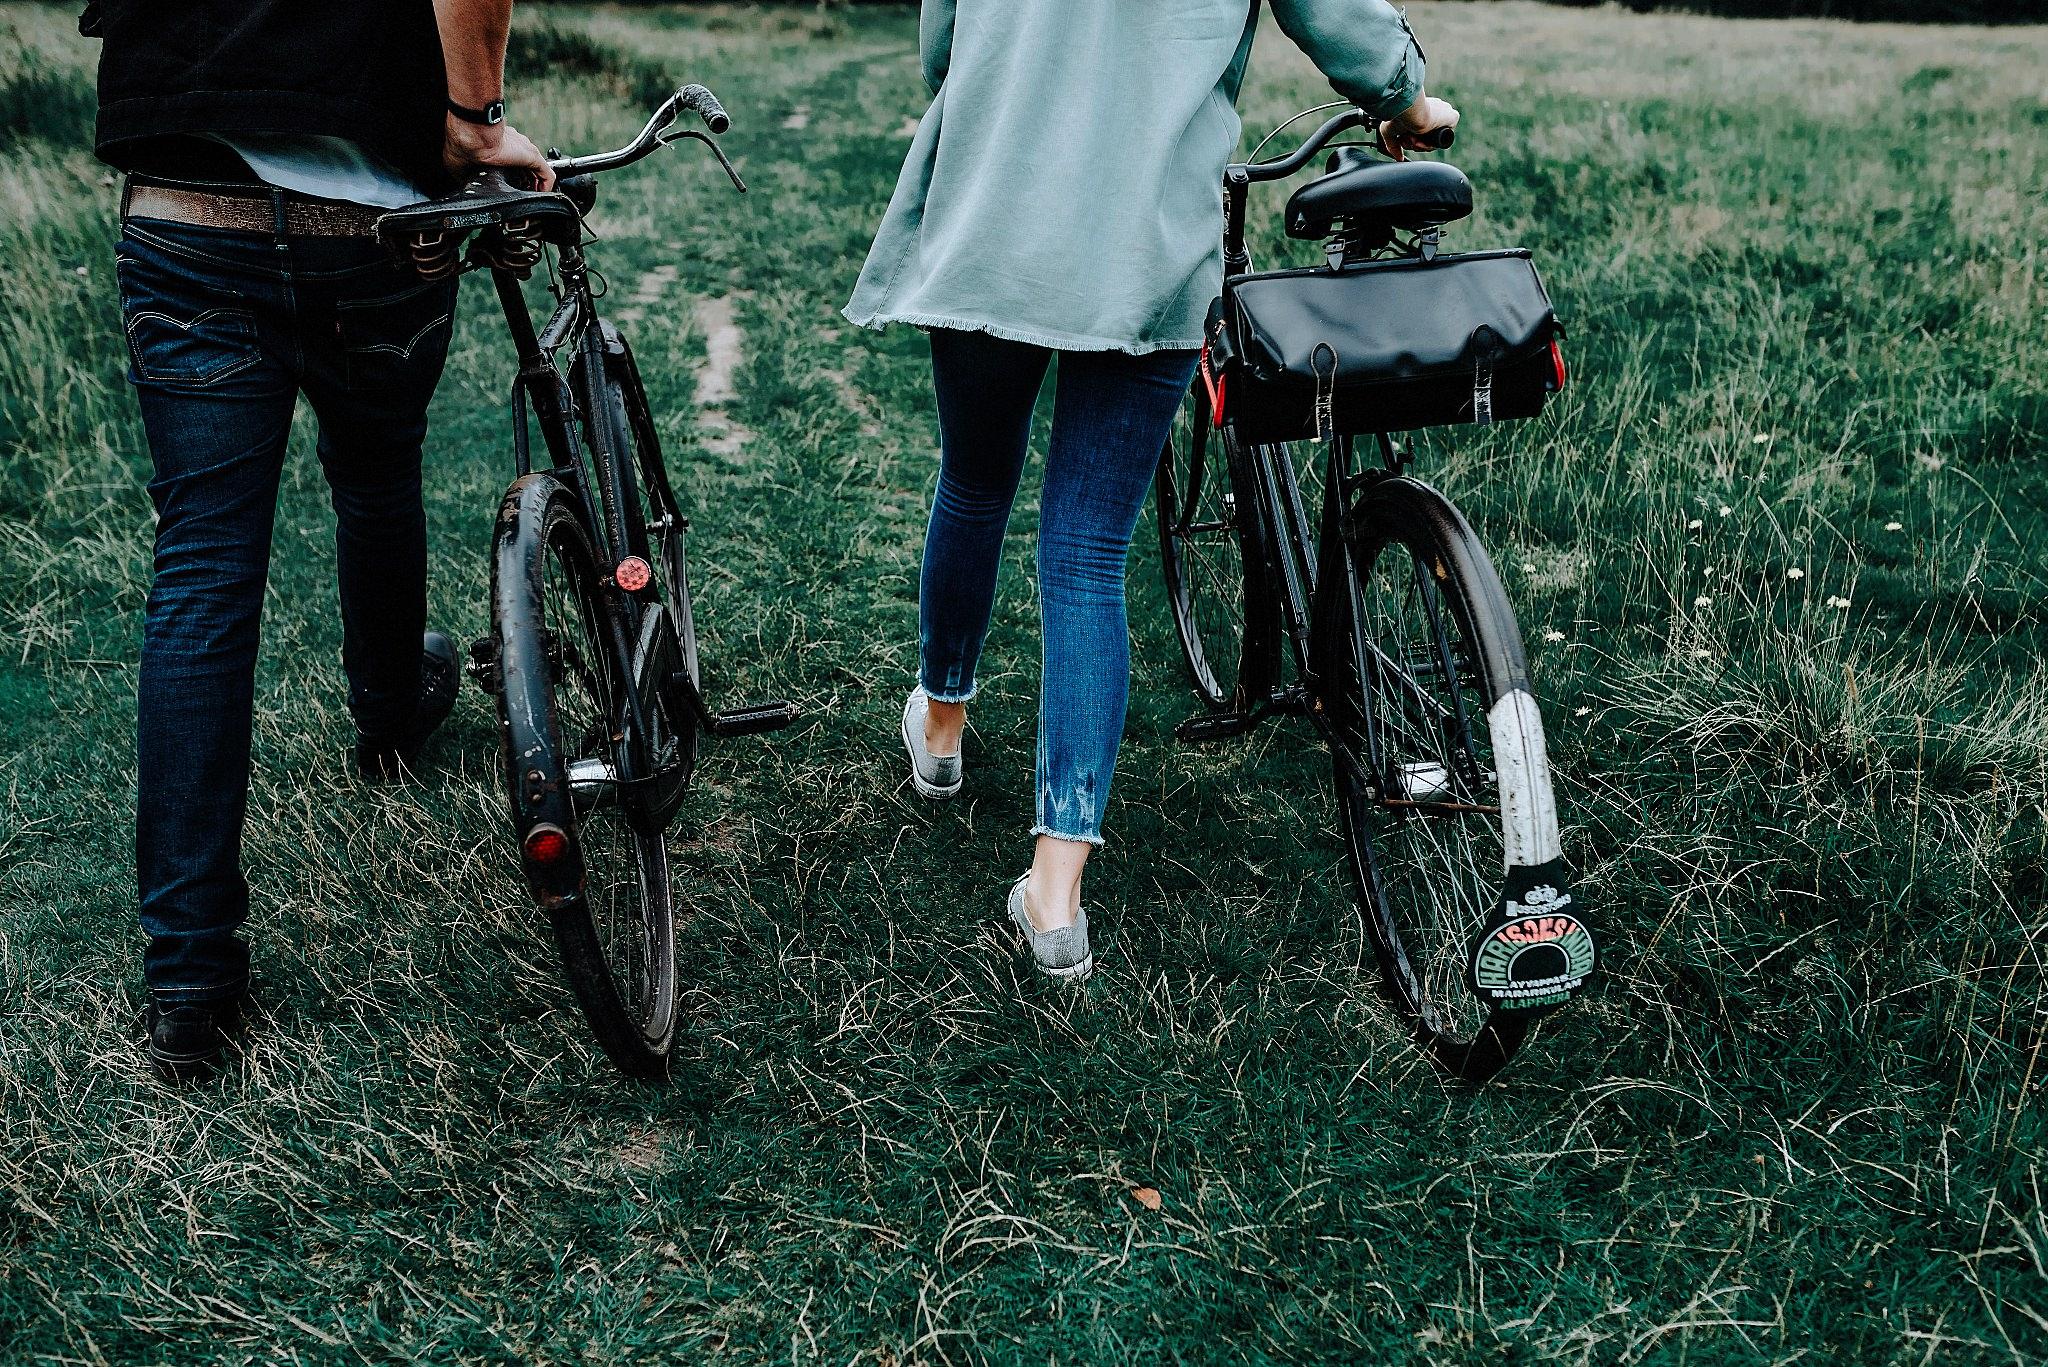 Lauren & Christophers vintage bikes